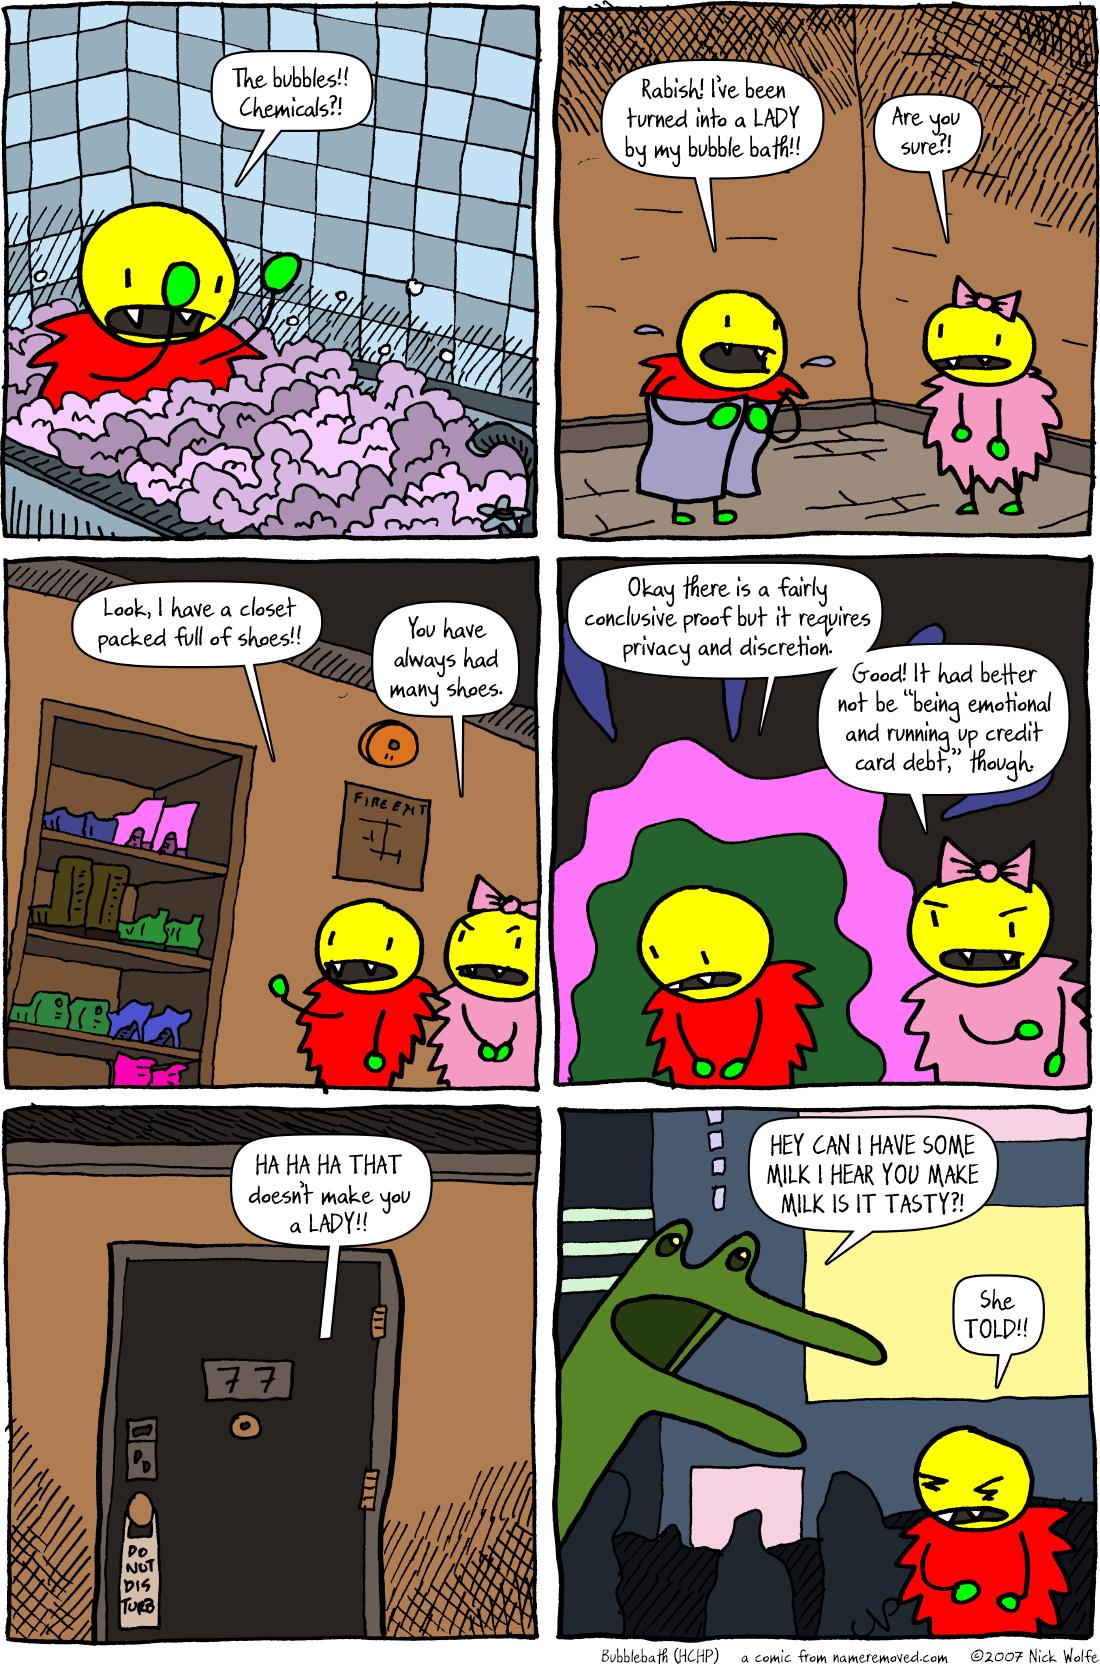 Bubblebath (HCHP)